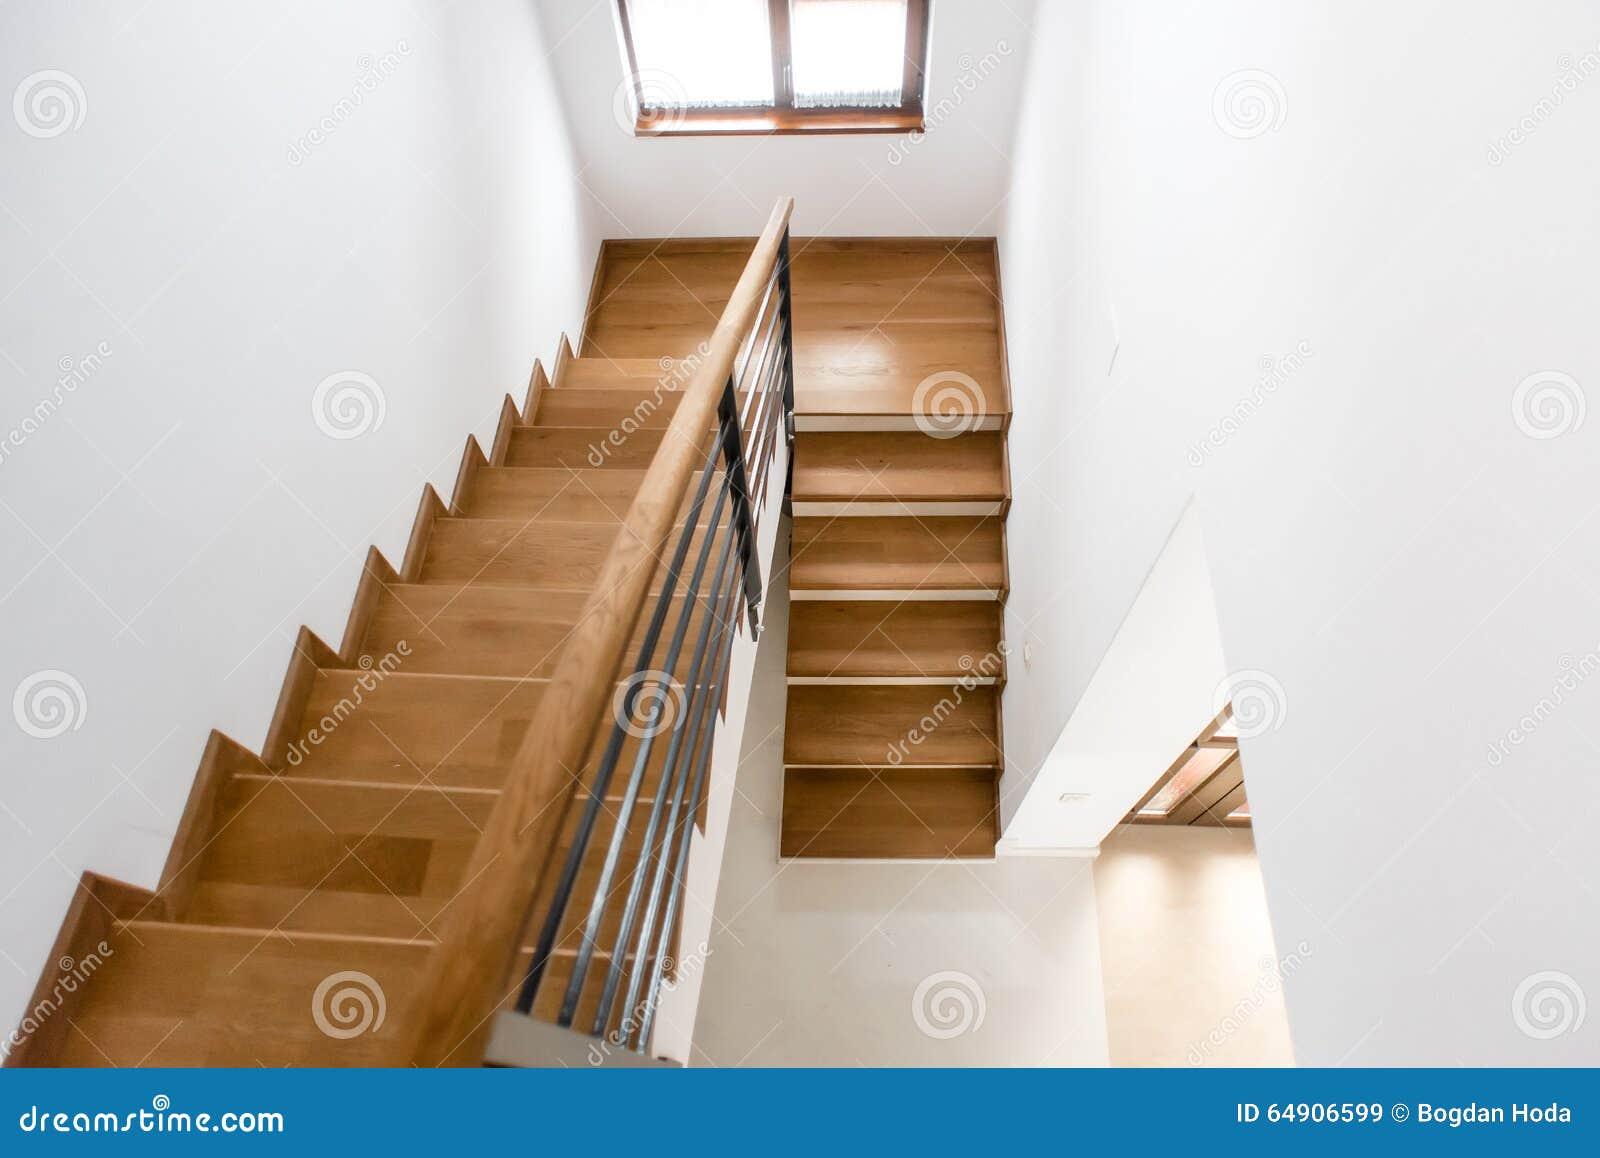 Conception int rieure escalier minimaliste en bois dans la - Moucheron dans la maison ...